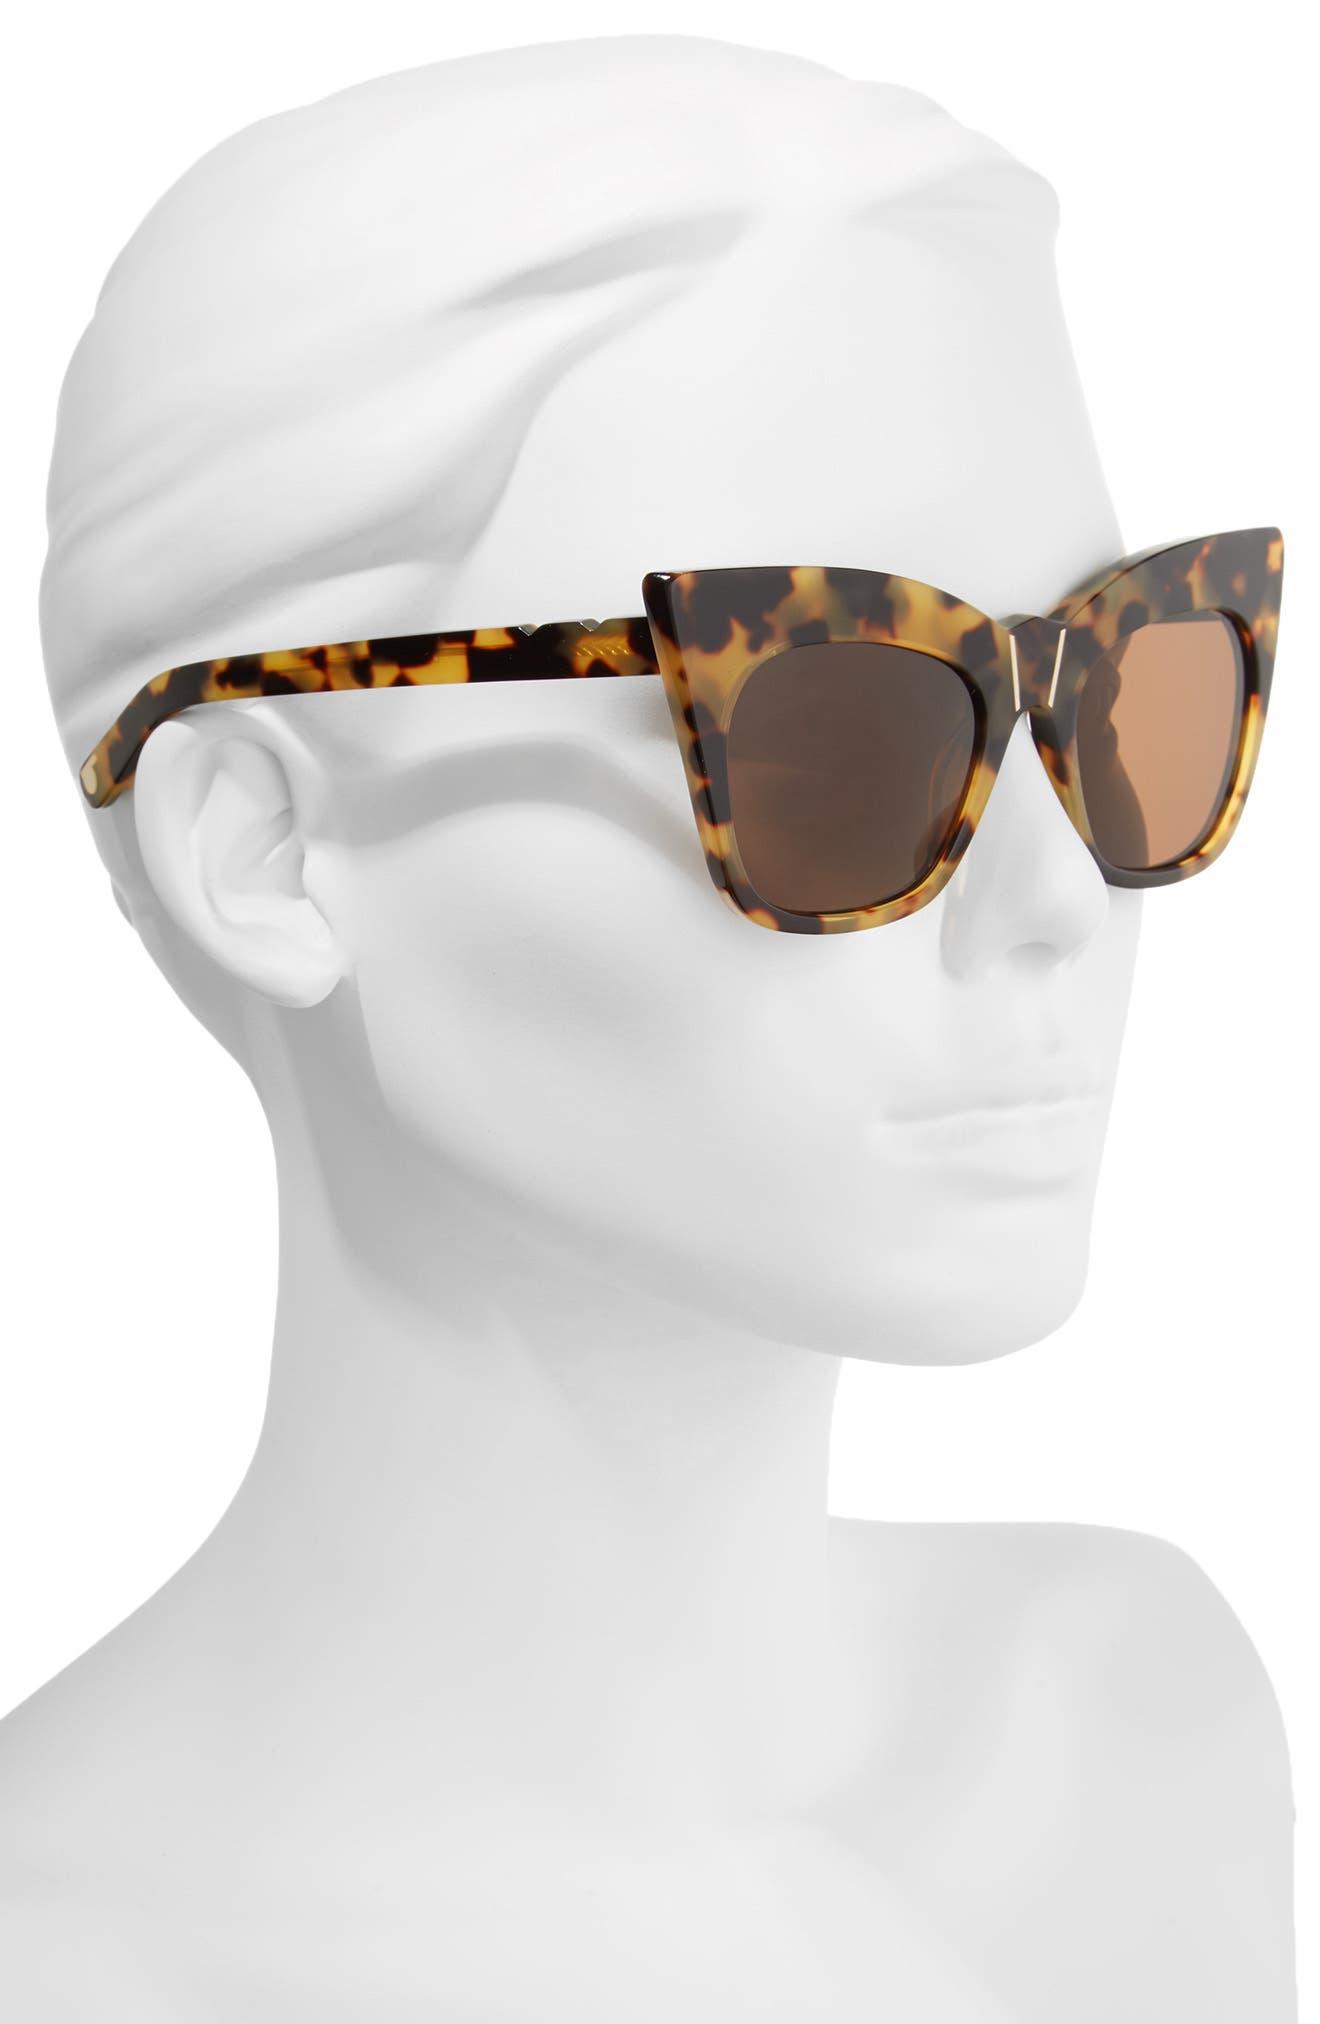 Kohl & Kaftans 52mm Cat Eye Sunglasses,                             Alternate thumbnail 2, color,                             203